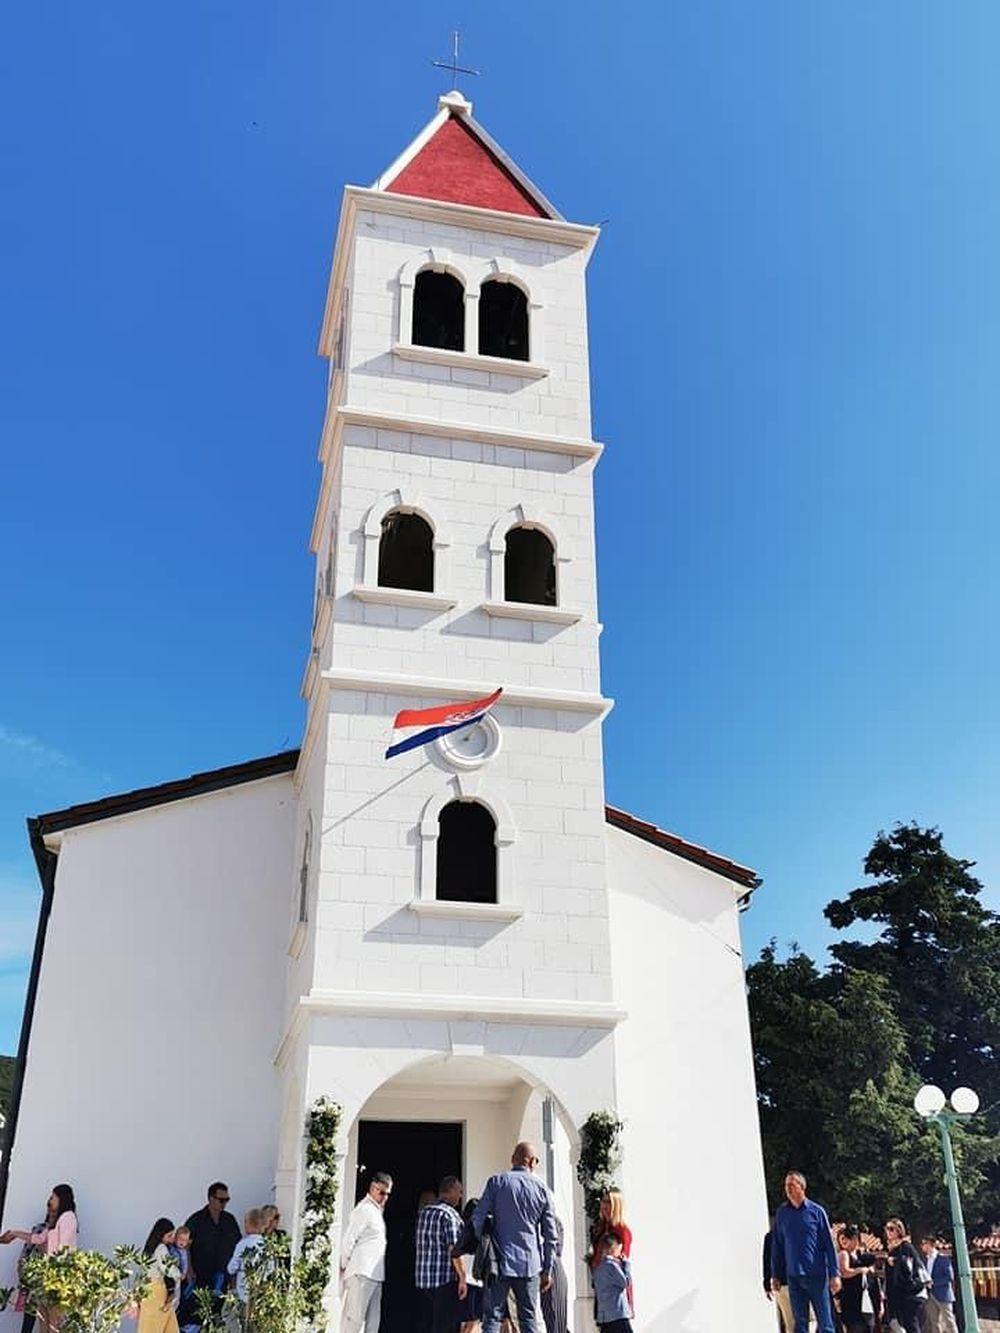 Blagoslovljen zvonik u Kolanu na otoku Pagu